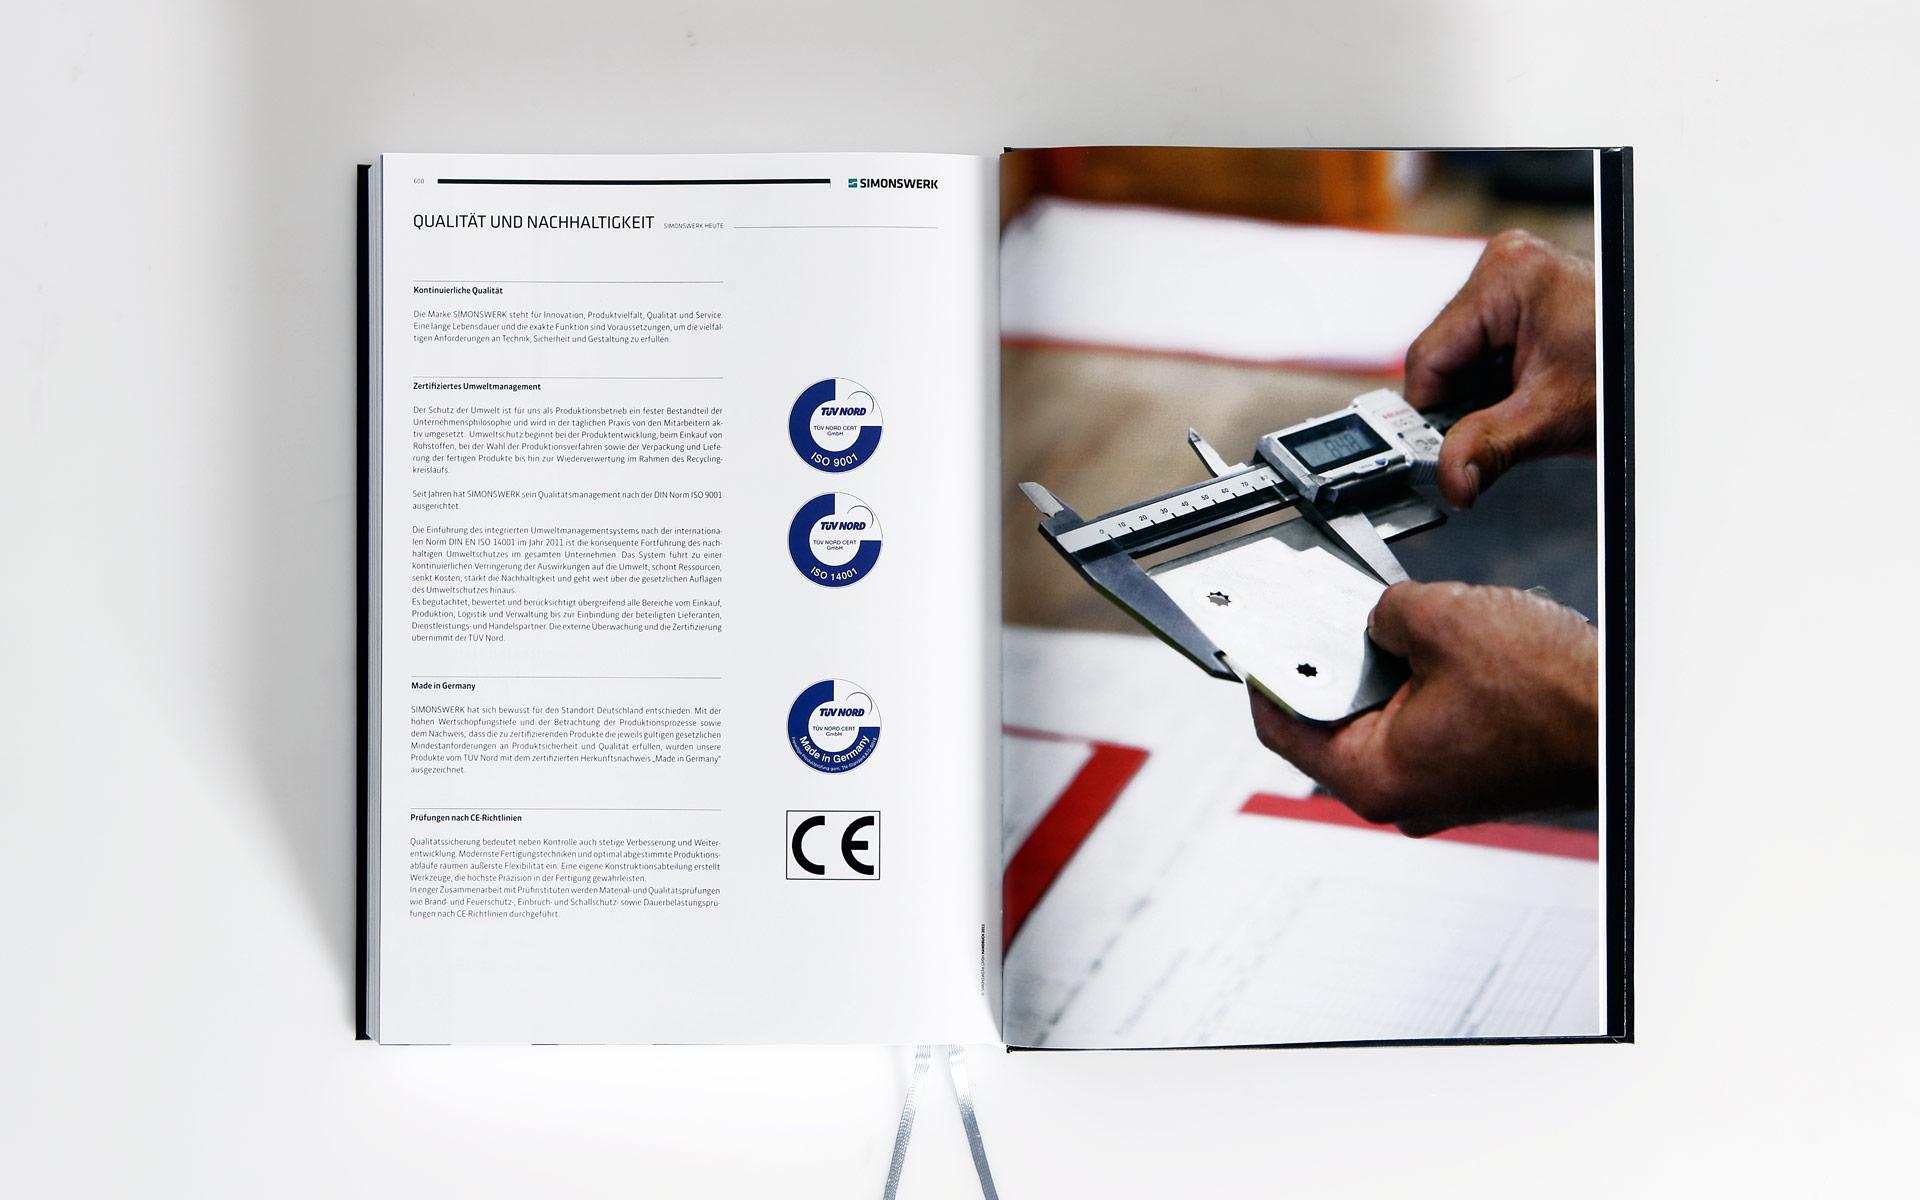 Simonswerk Kompendium 2012, Handbuch, Doppelseite, Qualitätssicherung